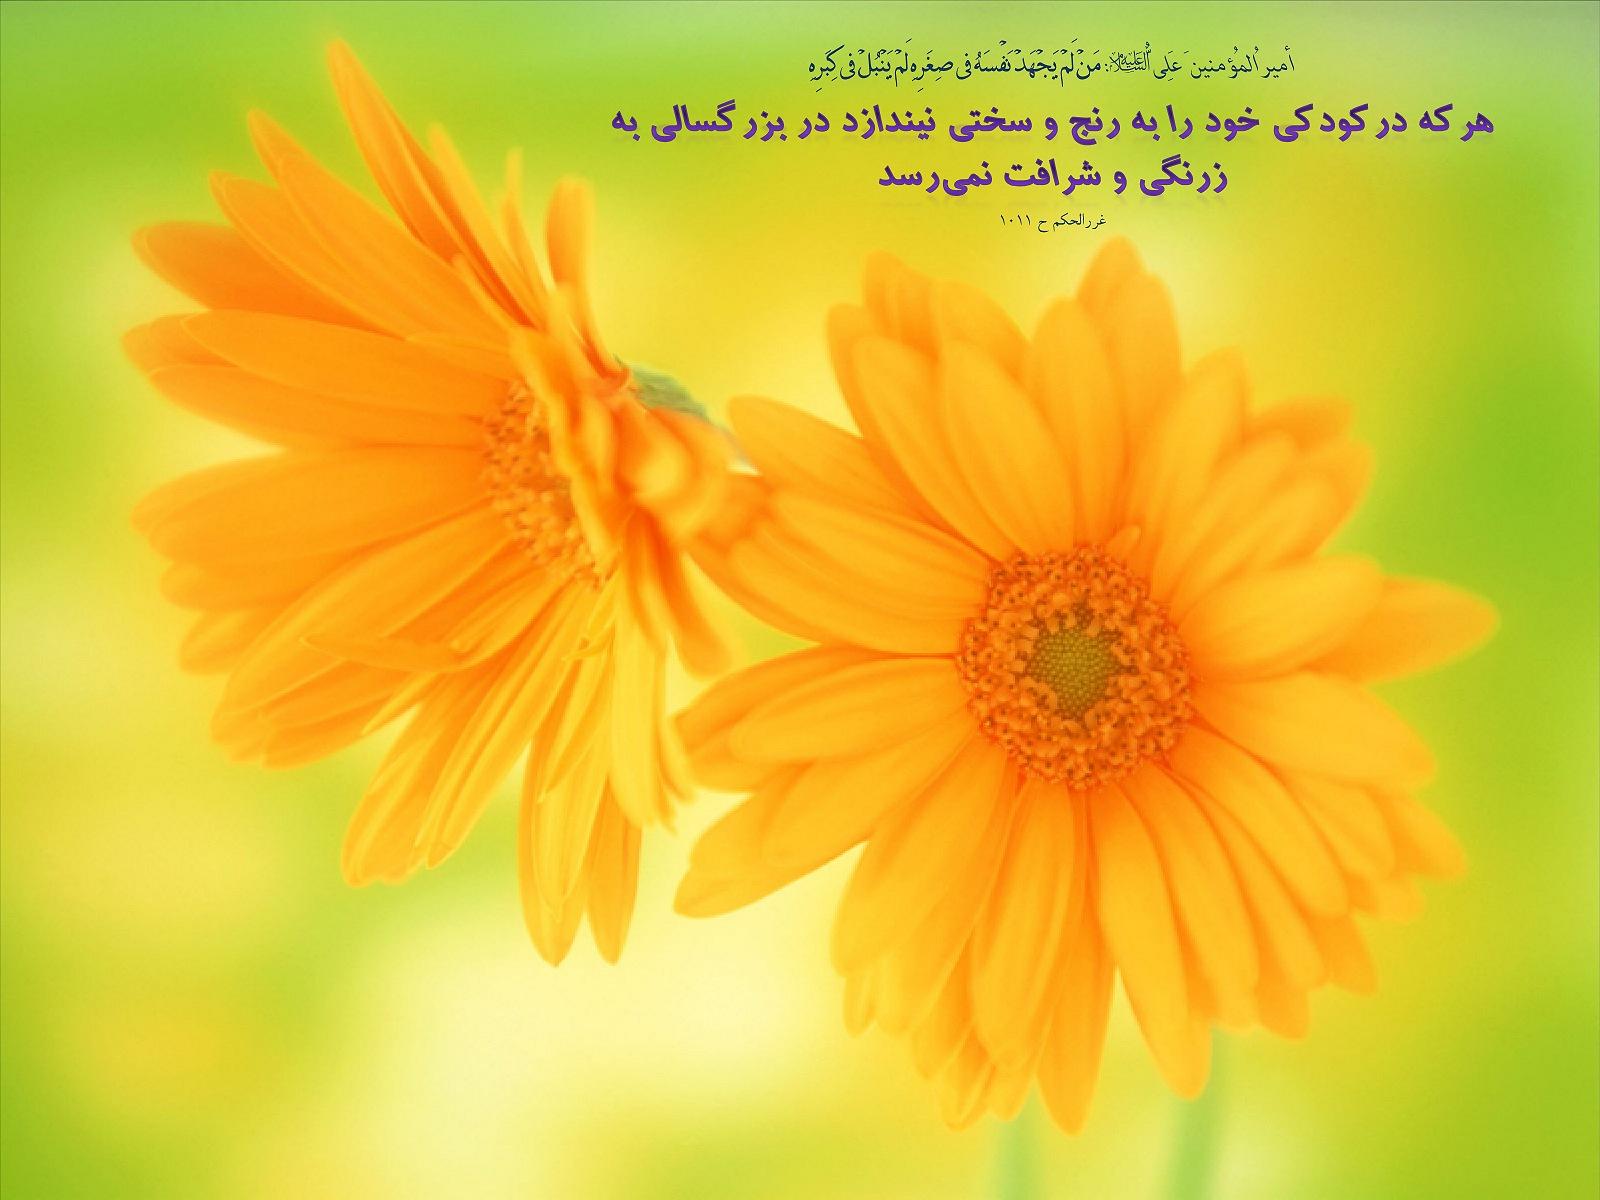 http://mhkh1972.gohardasht.com/uploaded/_659851AE-734C-4A90-A9E4-10DE185C0353_.jpg